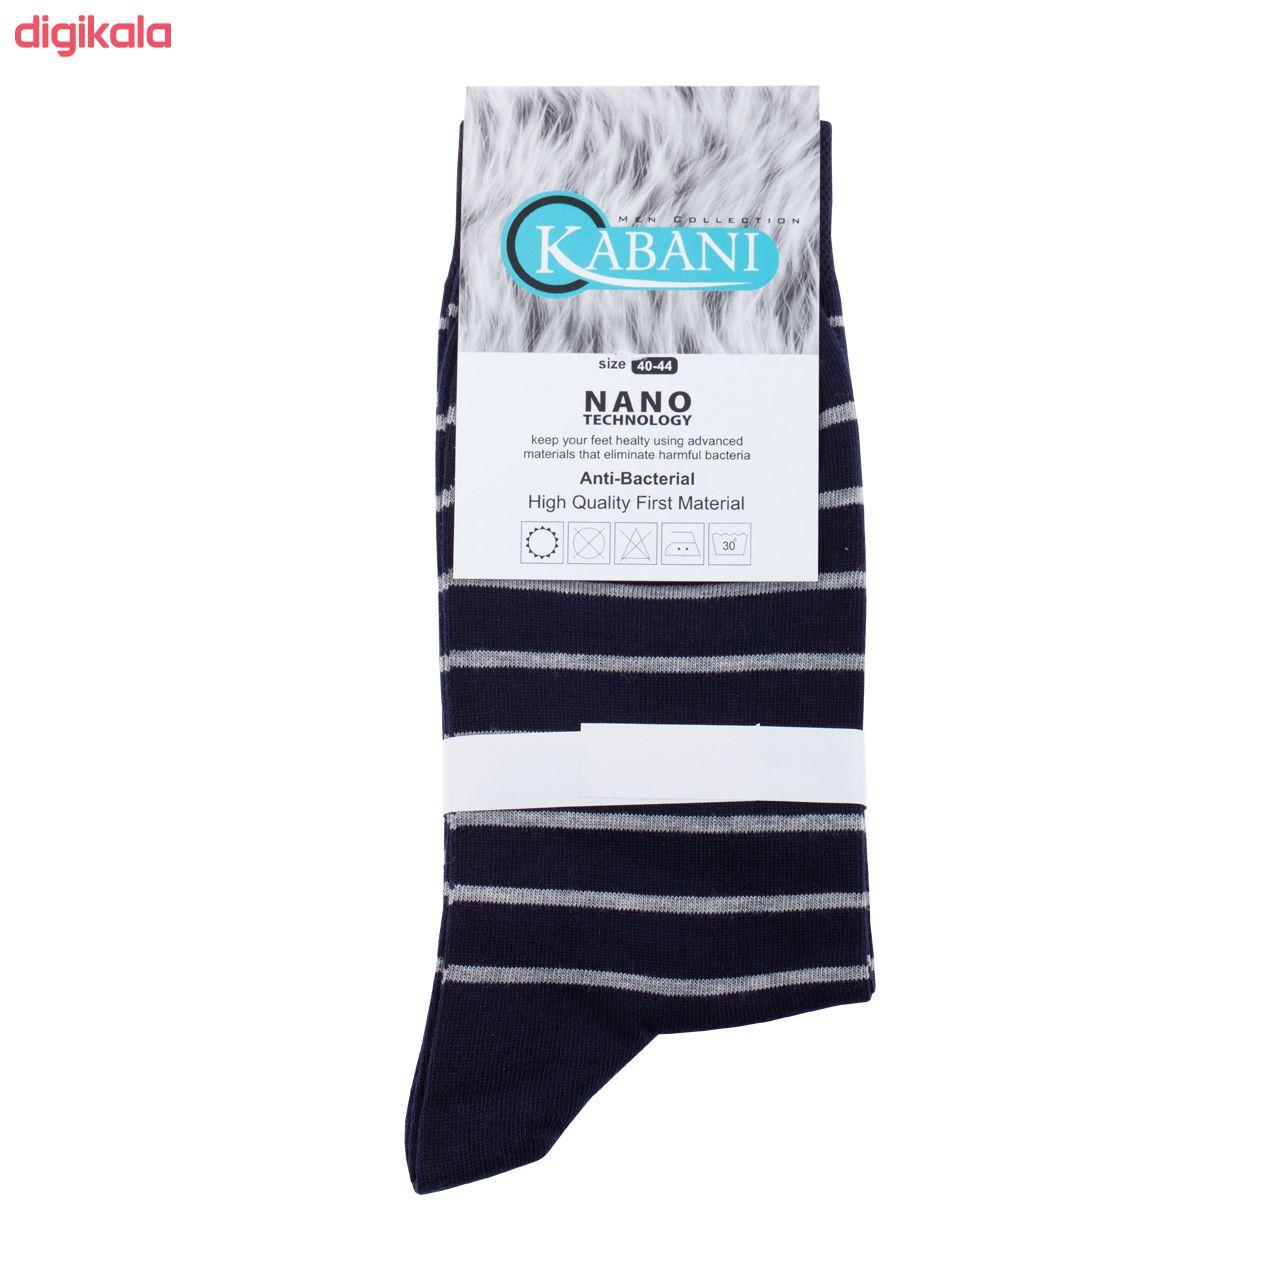 جوراب مردانه کابانی مدل T2020 کد 77 رنگ سرمه ای main 1 2